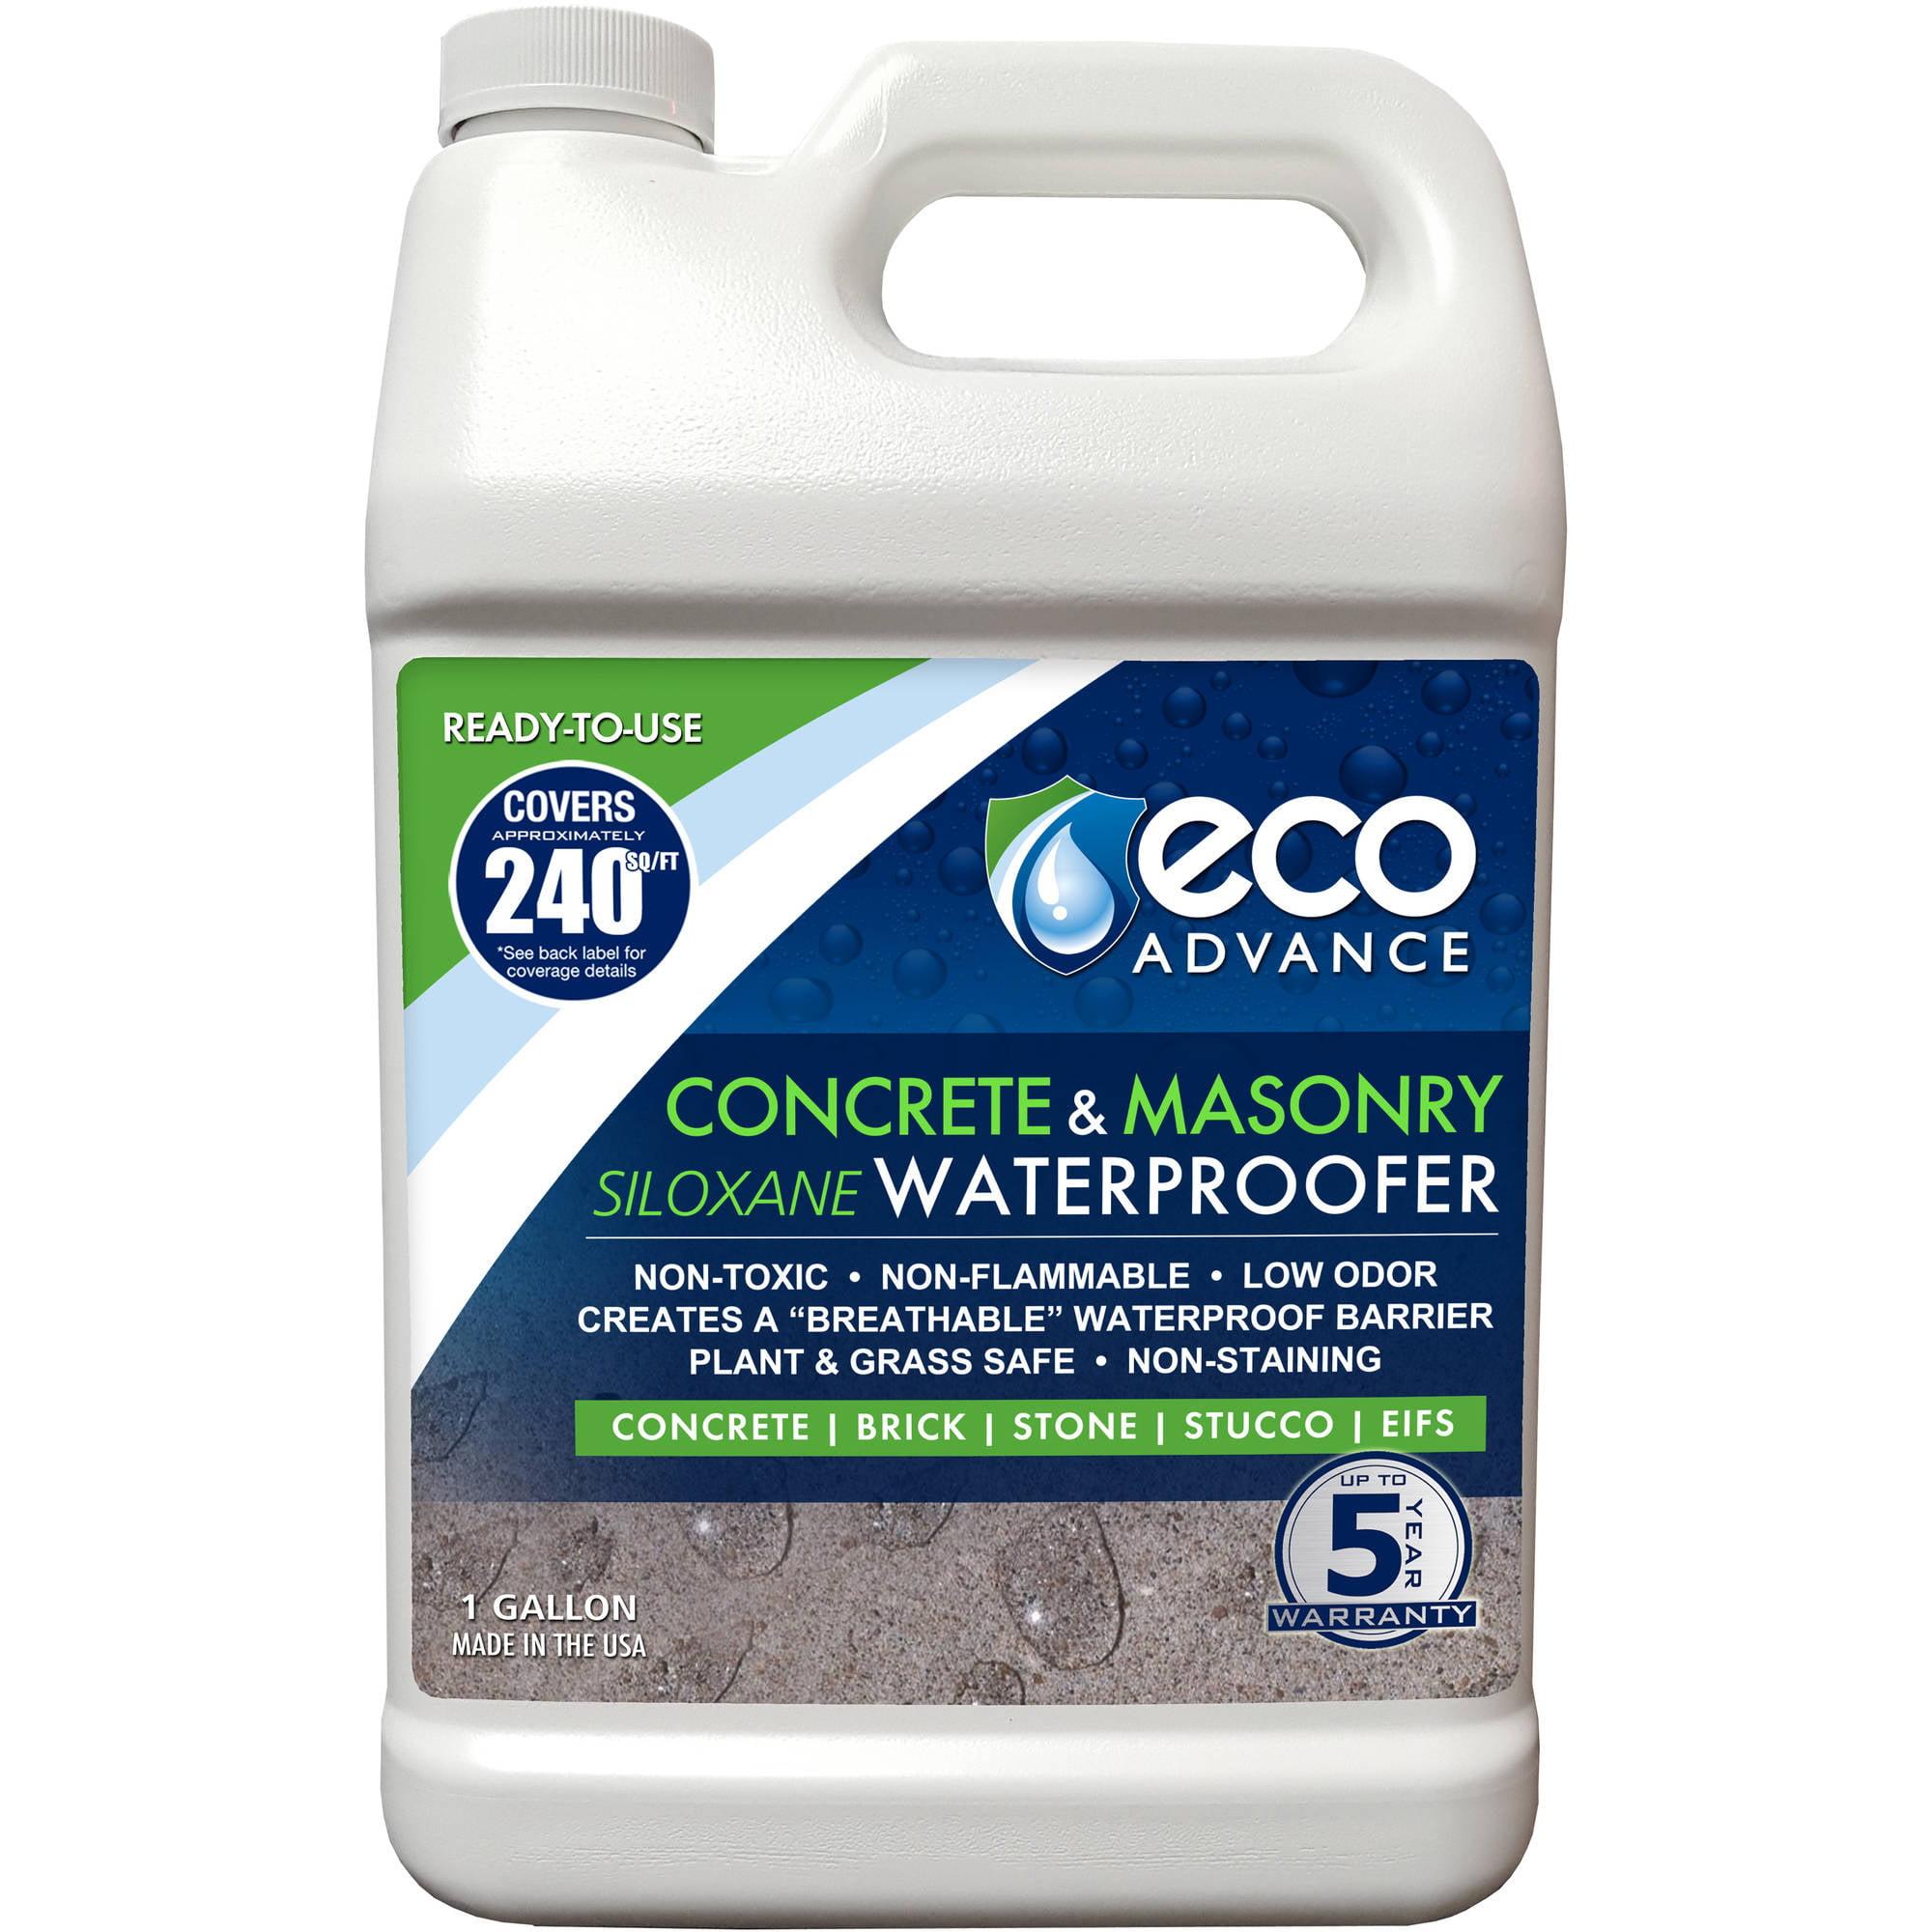 Eco Advance Concrete Masonry Siloxane Waterproofer, Ready-to-Use, 1 Gallon by Eco Advance